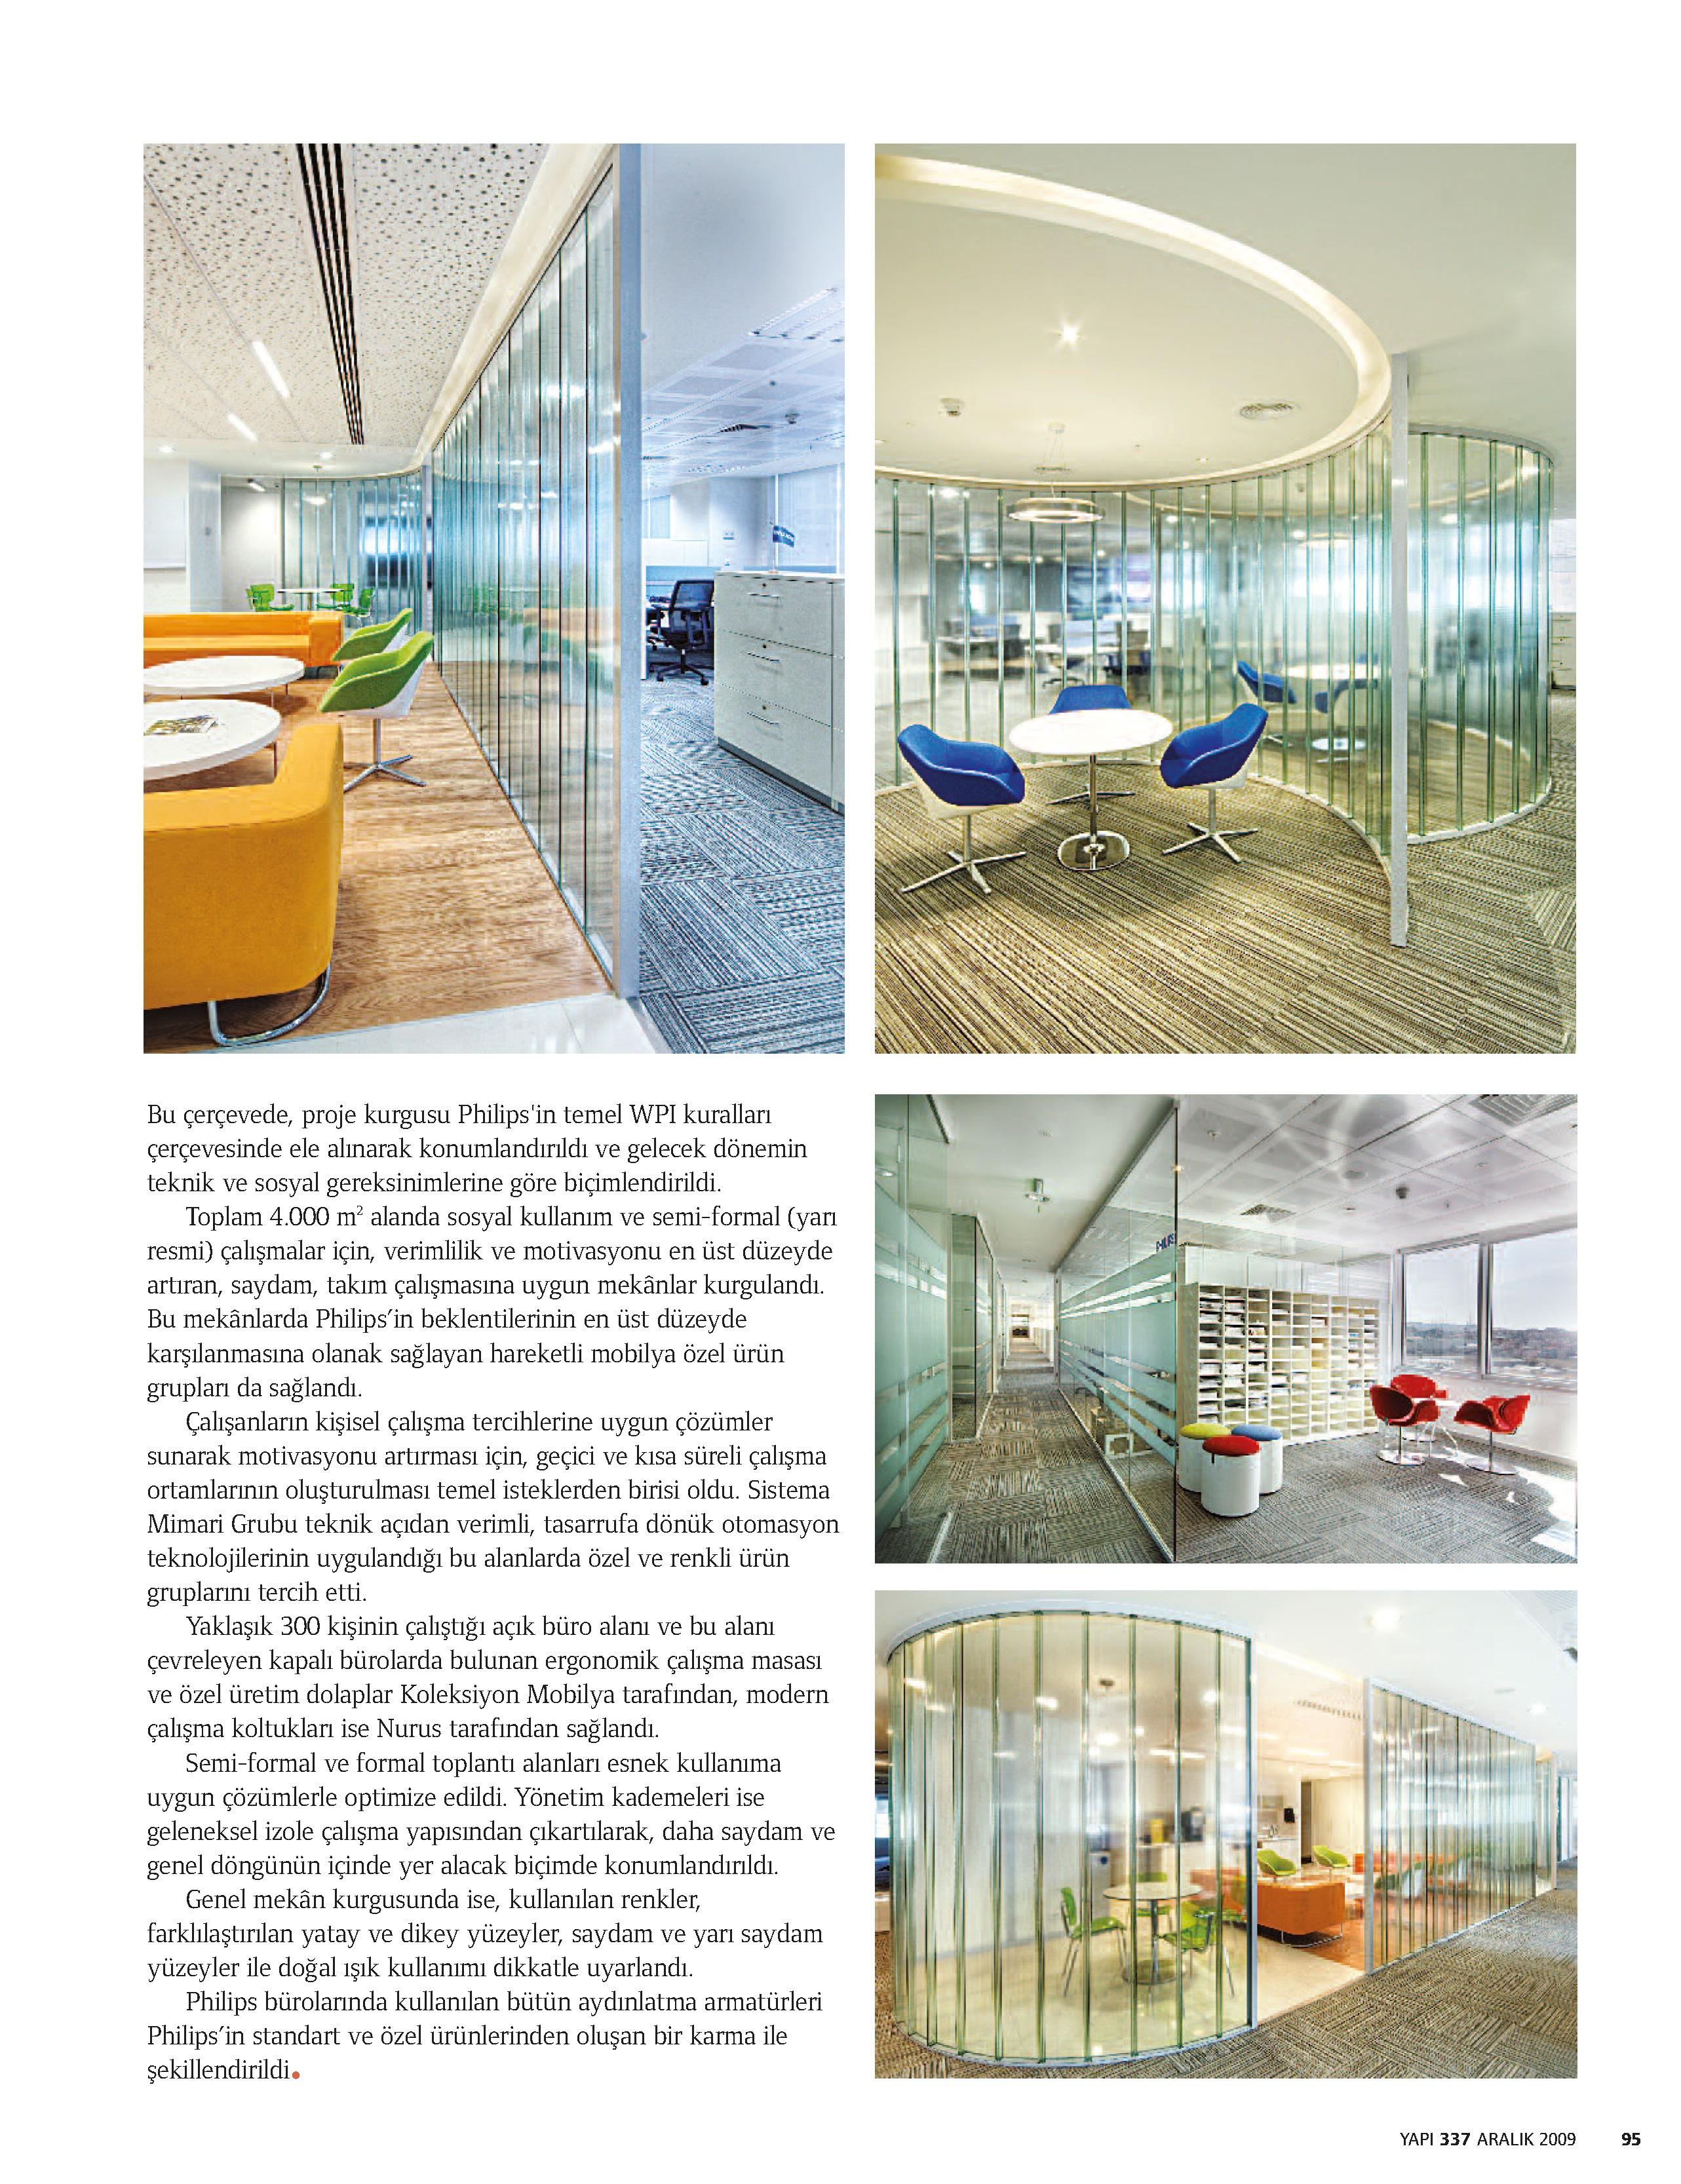 Philips Turkey Main Office